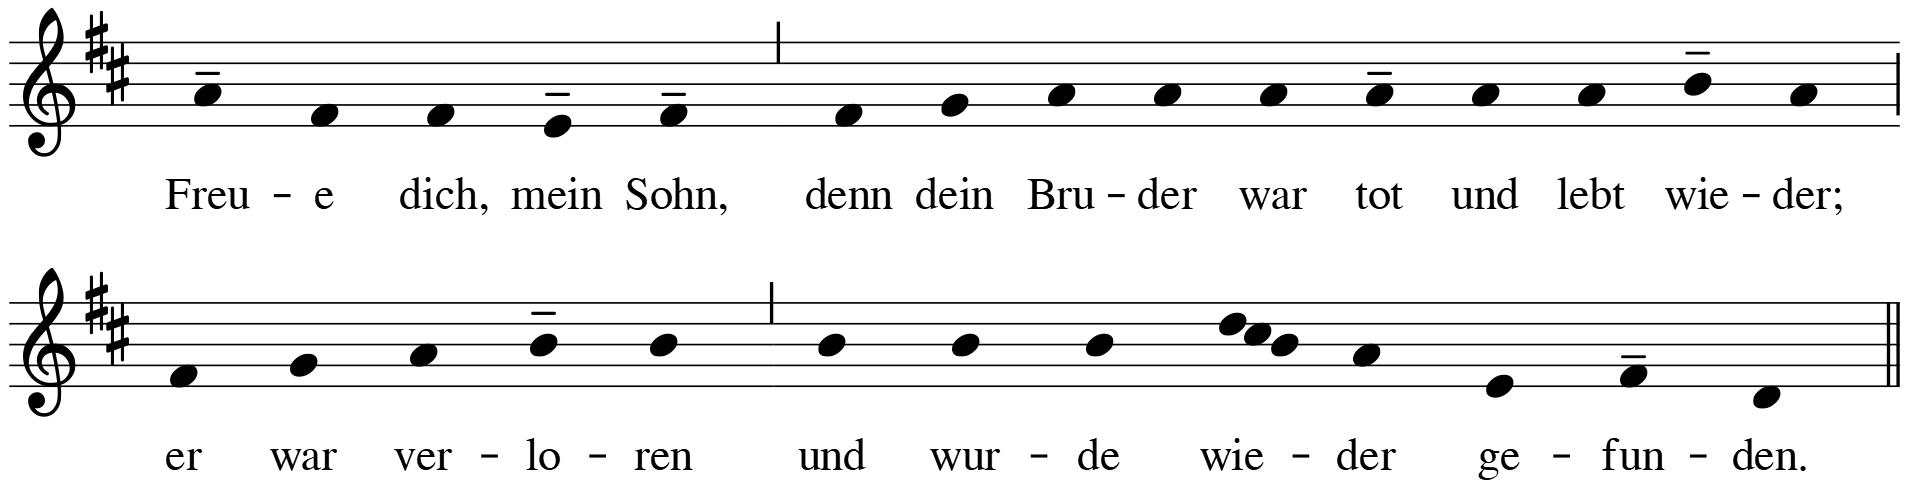 Liedvorschläge Köln